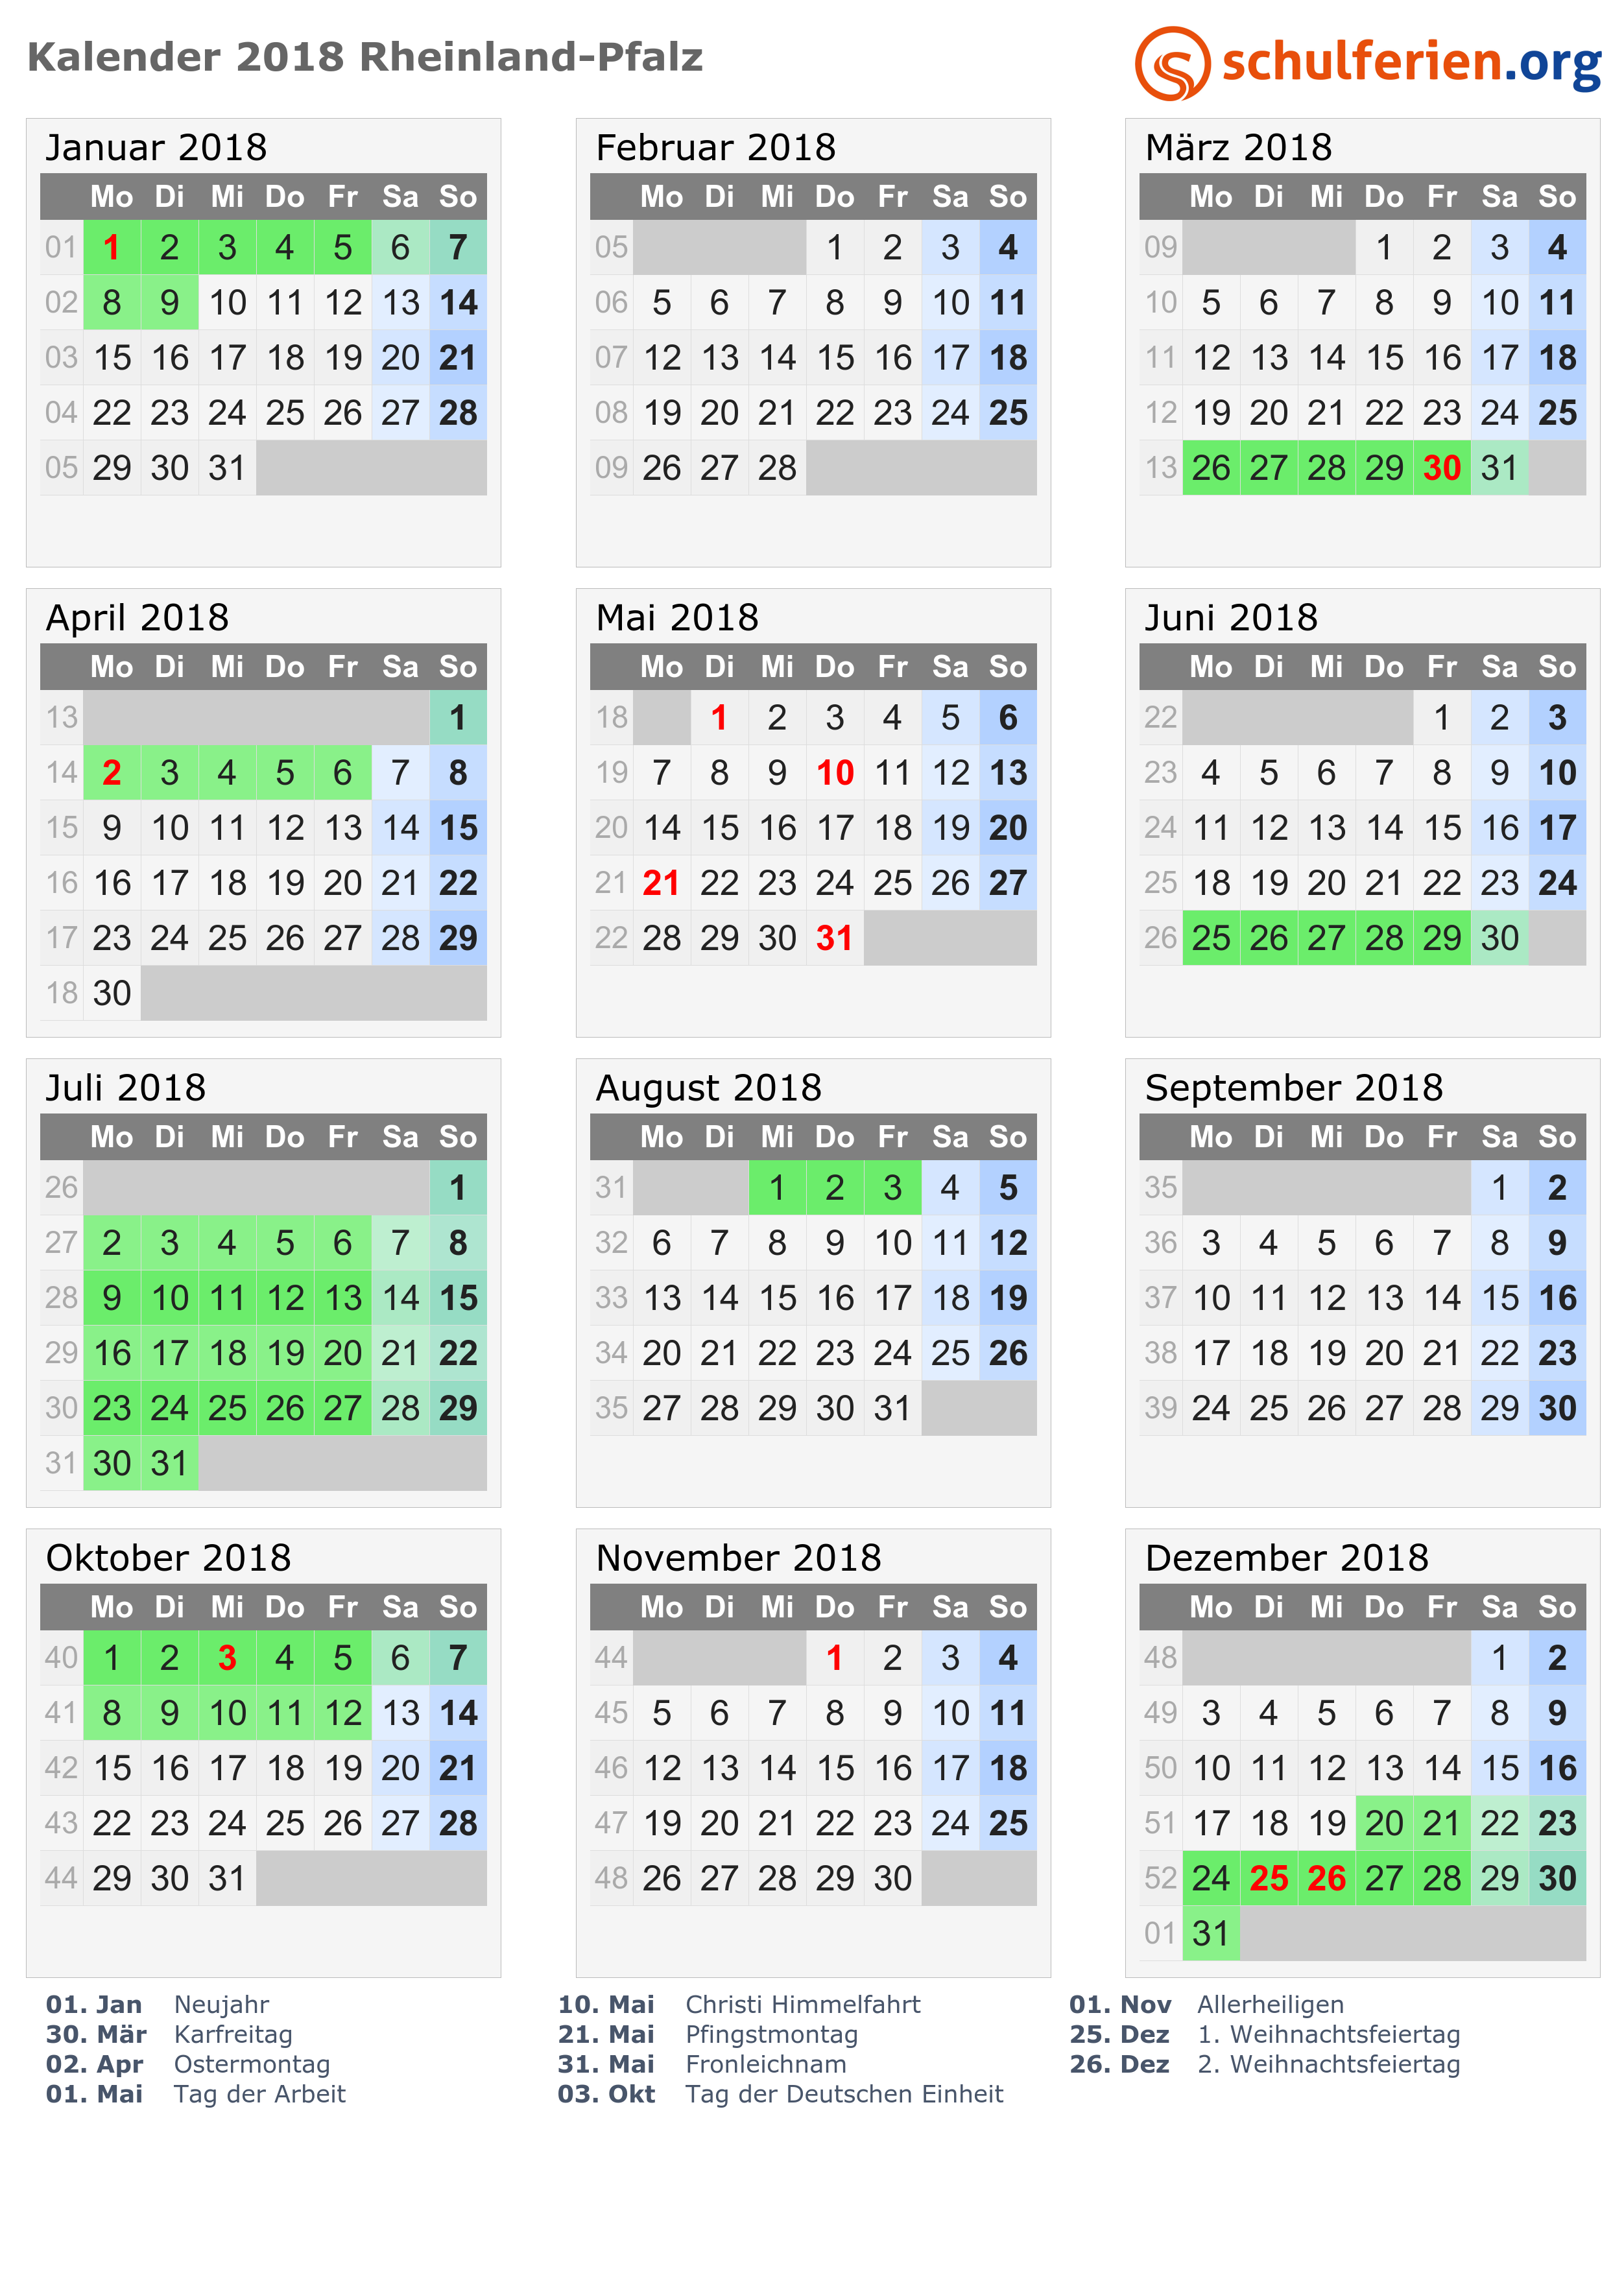 Kalender 2018 + Ferien Rheinland-Pfalz, Feiertage